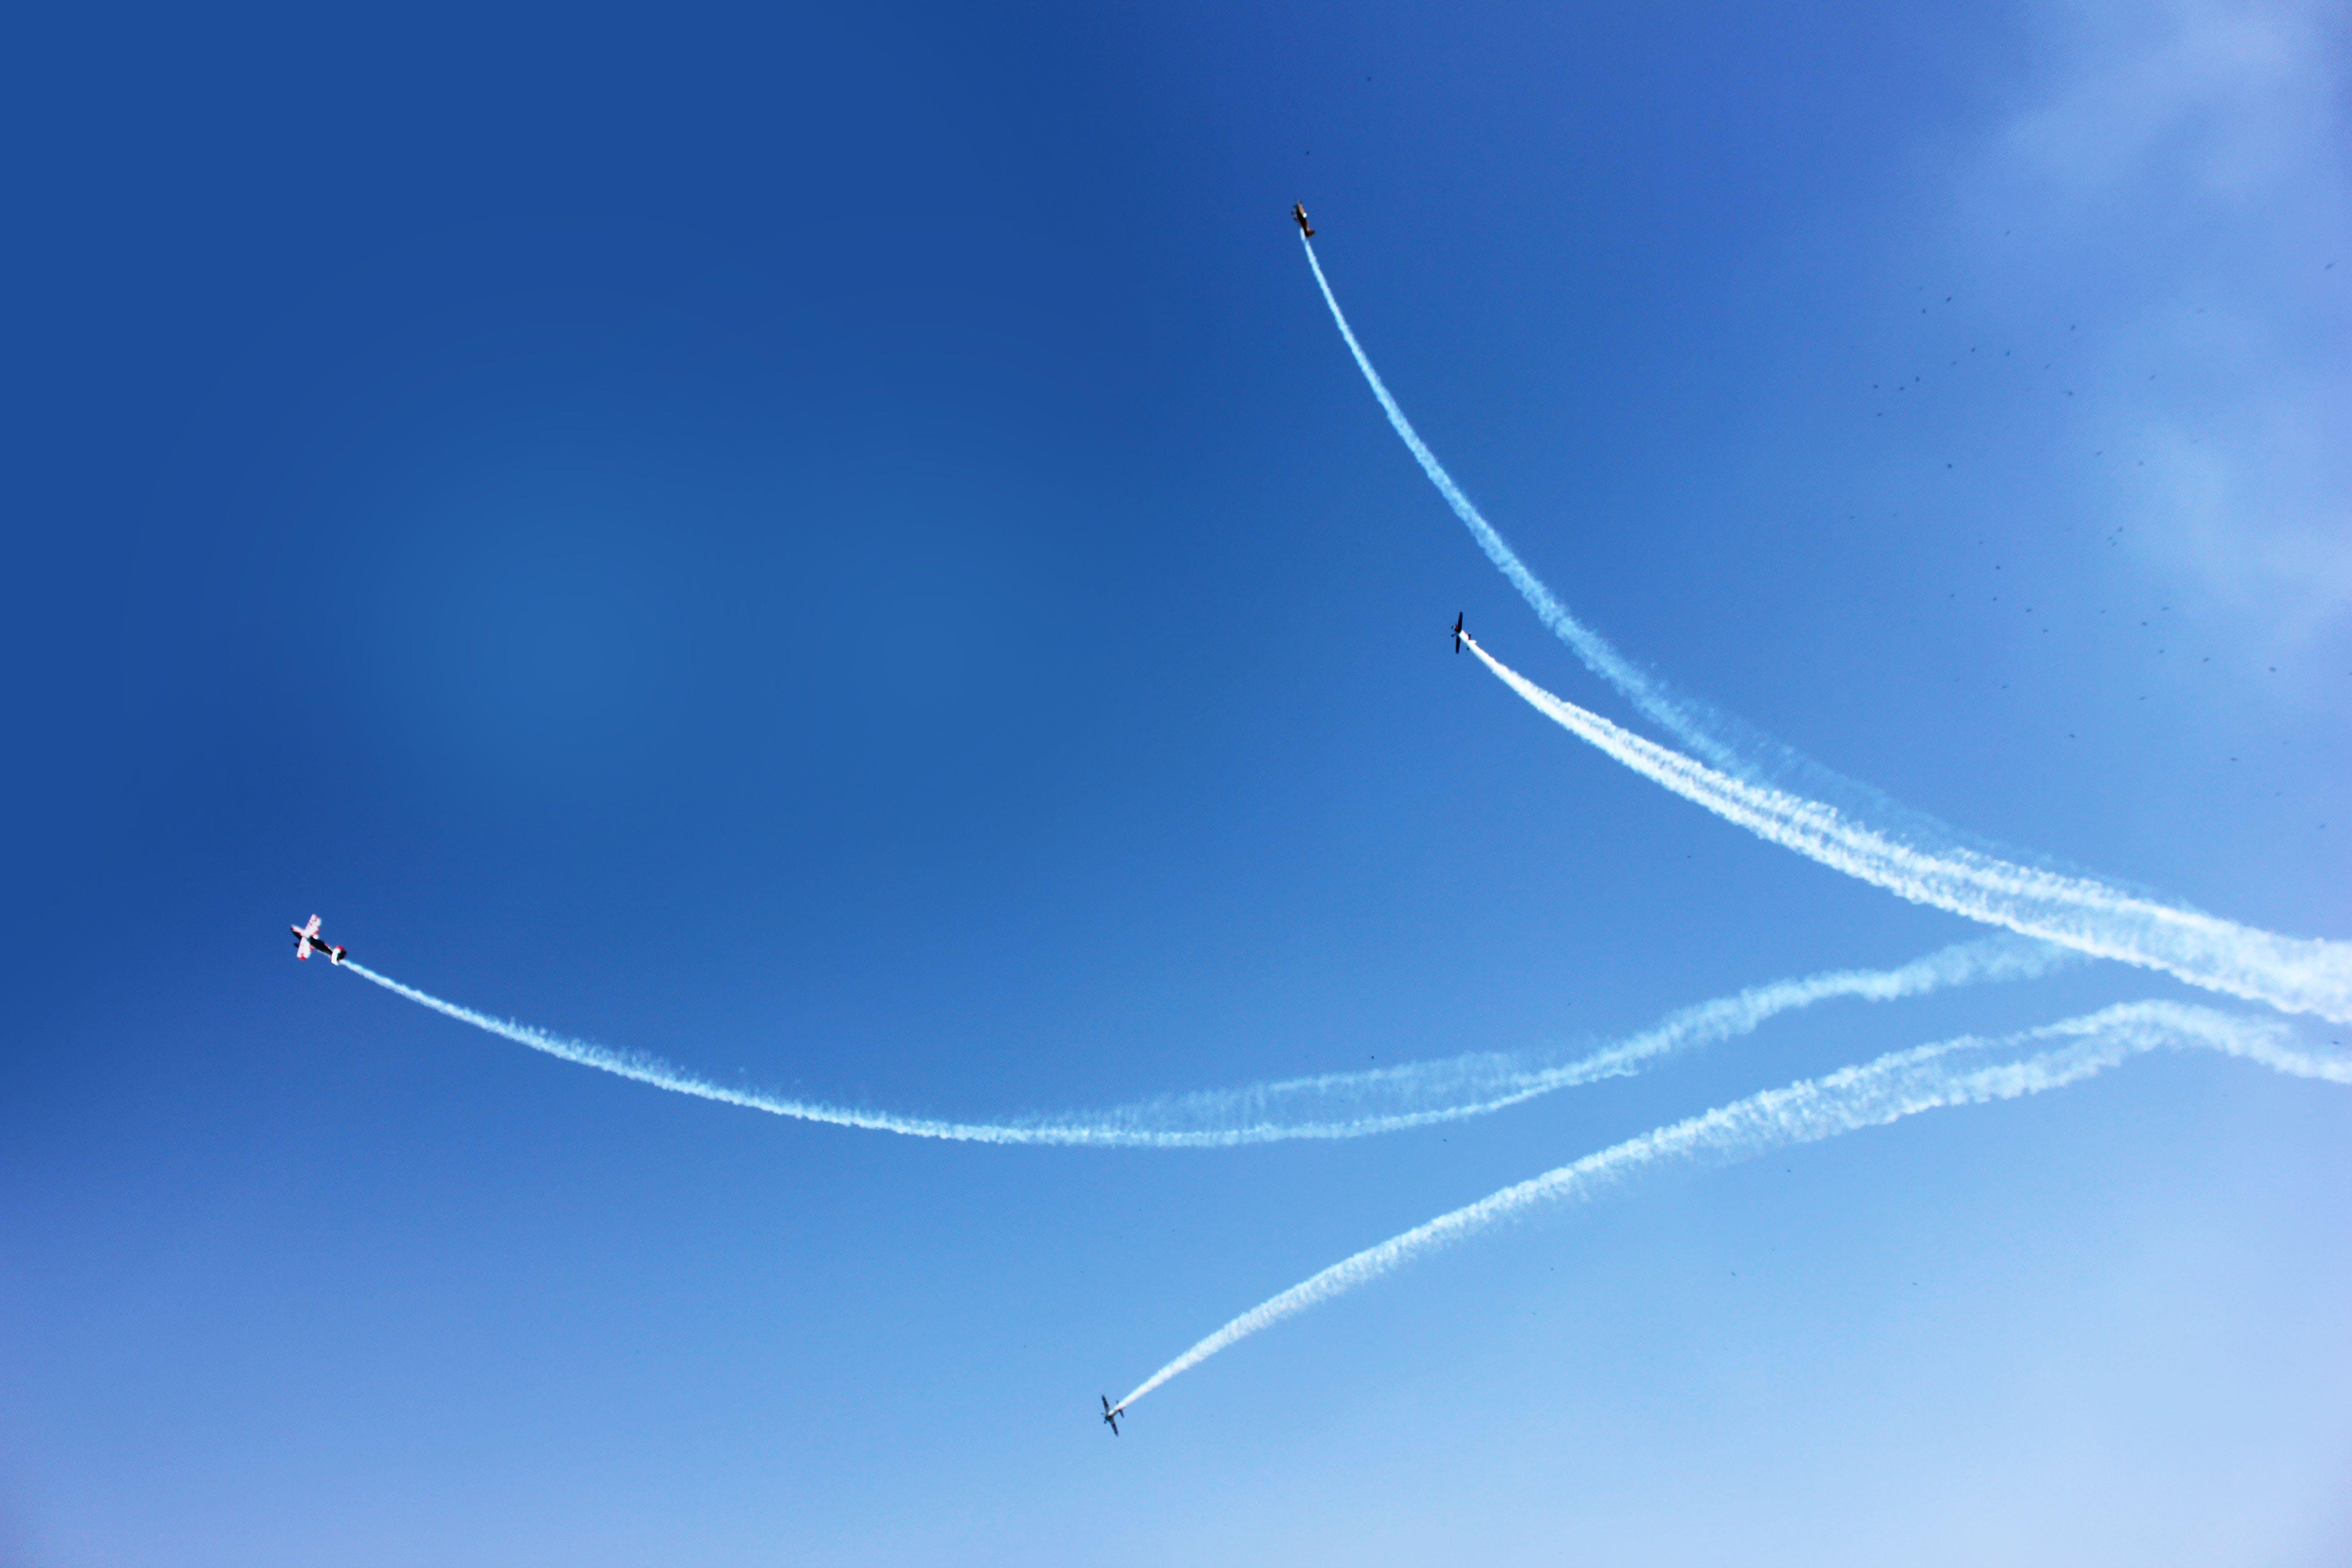 Δωρεάν στοκ φωτογραφιών με aviate, αγωνιστής, αεριωθούμενο, αεροπλοΐα